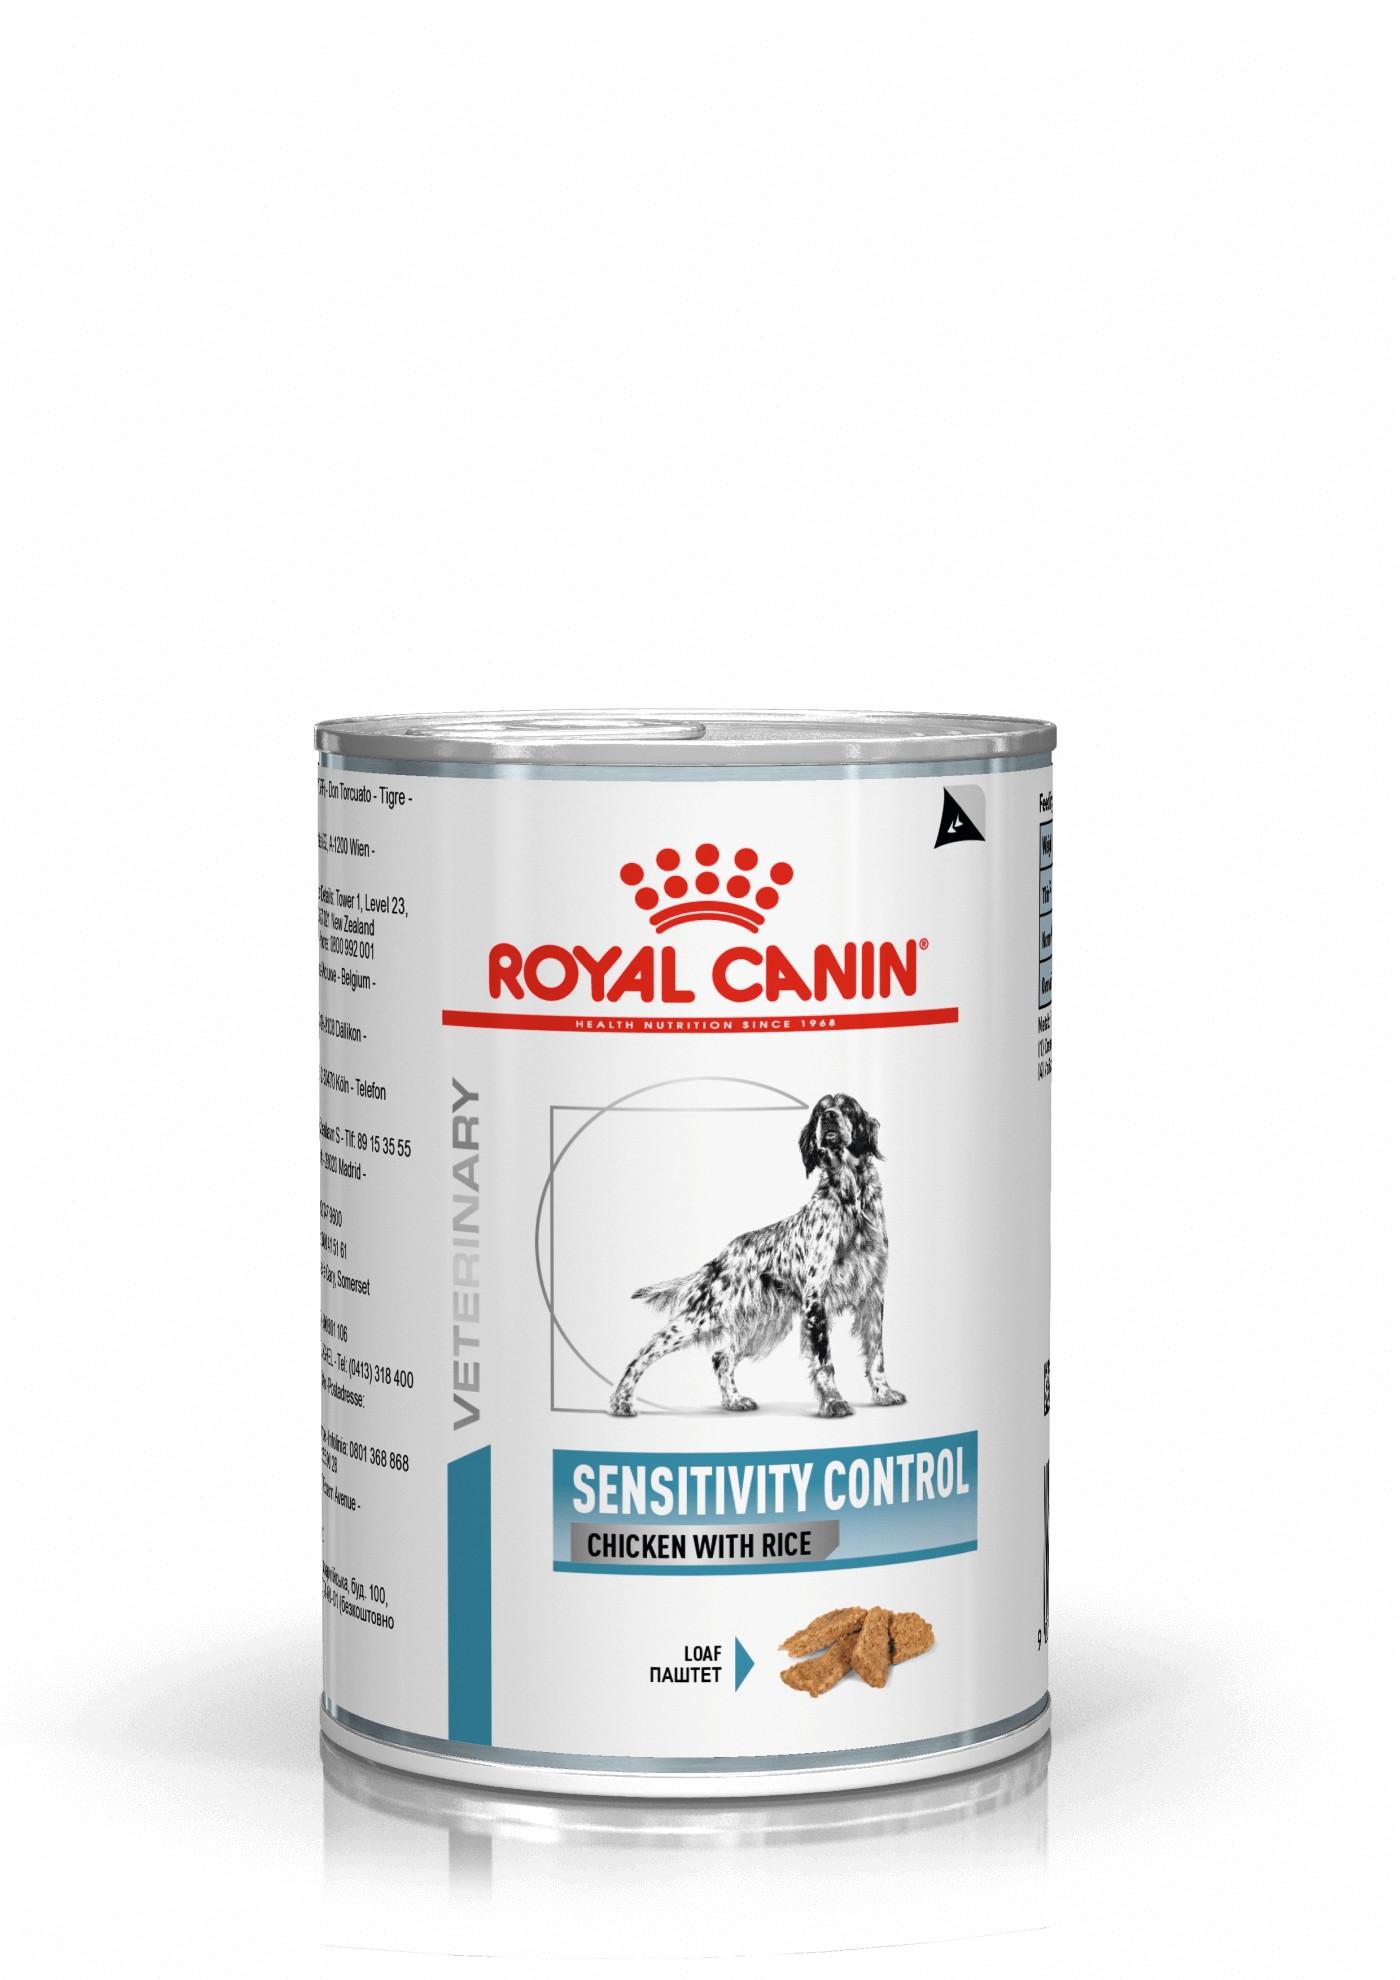 Royal Canin Veterinary Sensitivity Control poulet & riz conserve pour chien